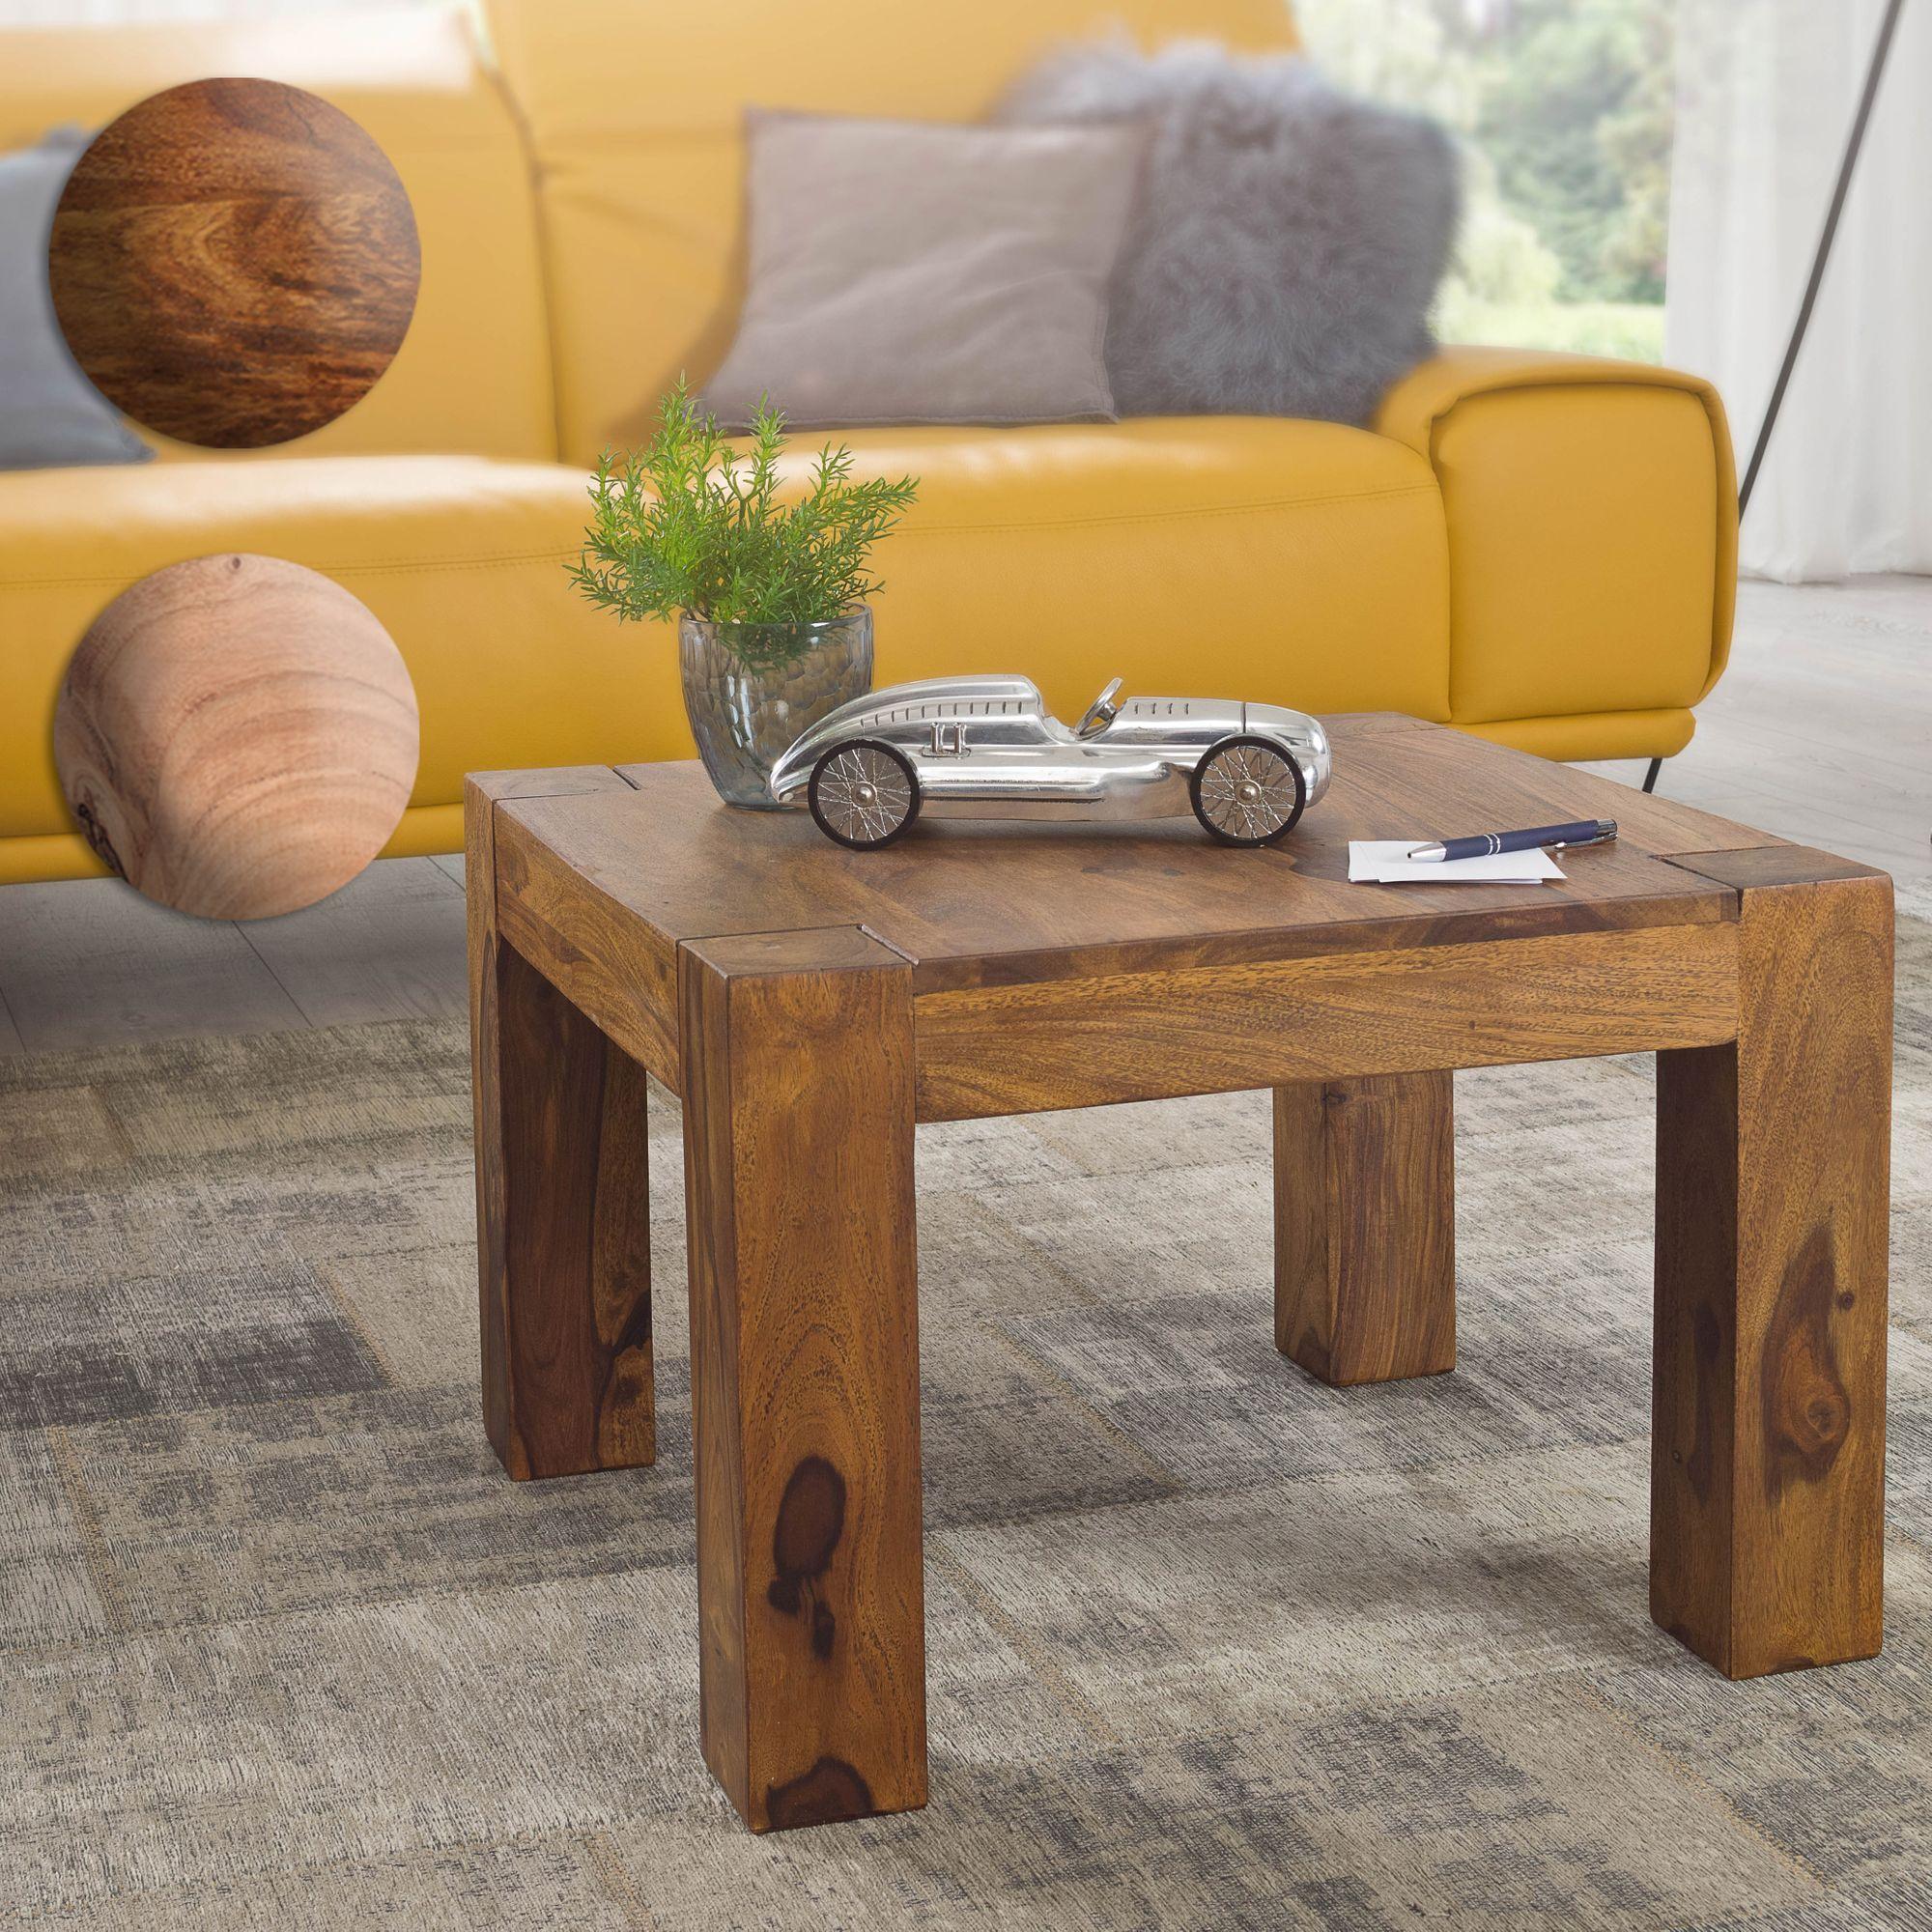 massiver couchtisch patan 60 x 60 x 40 cm holz massiv wohnzimmertisch quadratisch braun. Black Bedroom Furniture Sets. Home Design Ideas